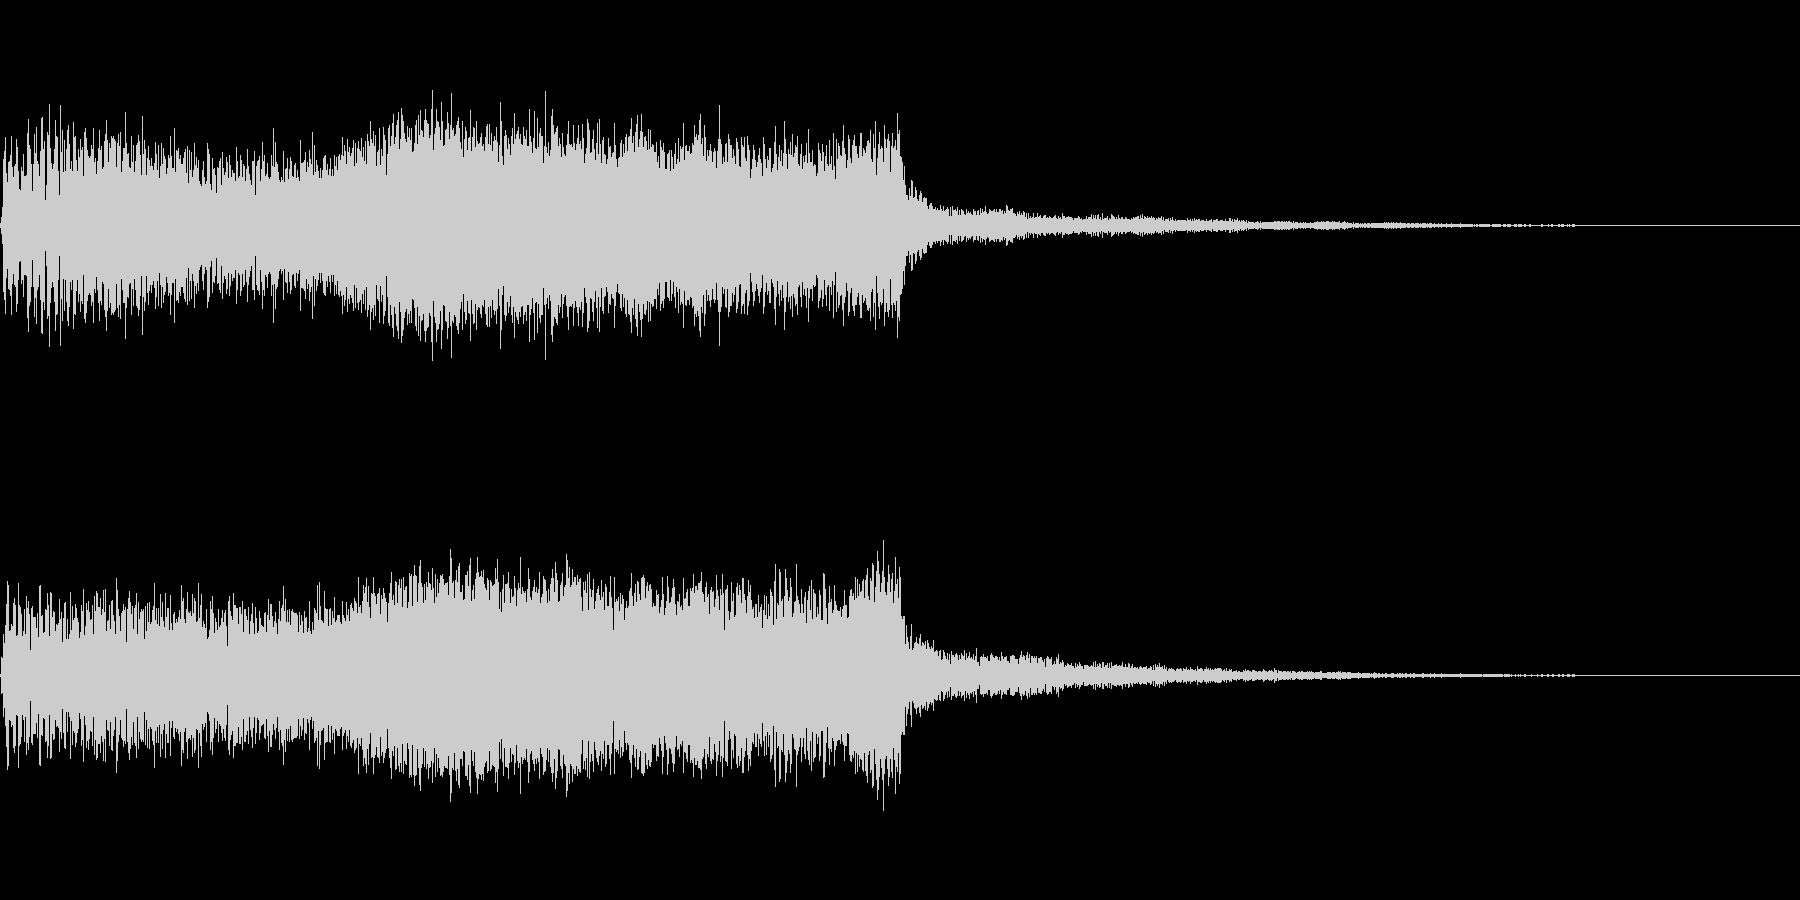 次のコーナー ジングル テクノ 場面切替の未再生の波形